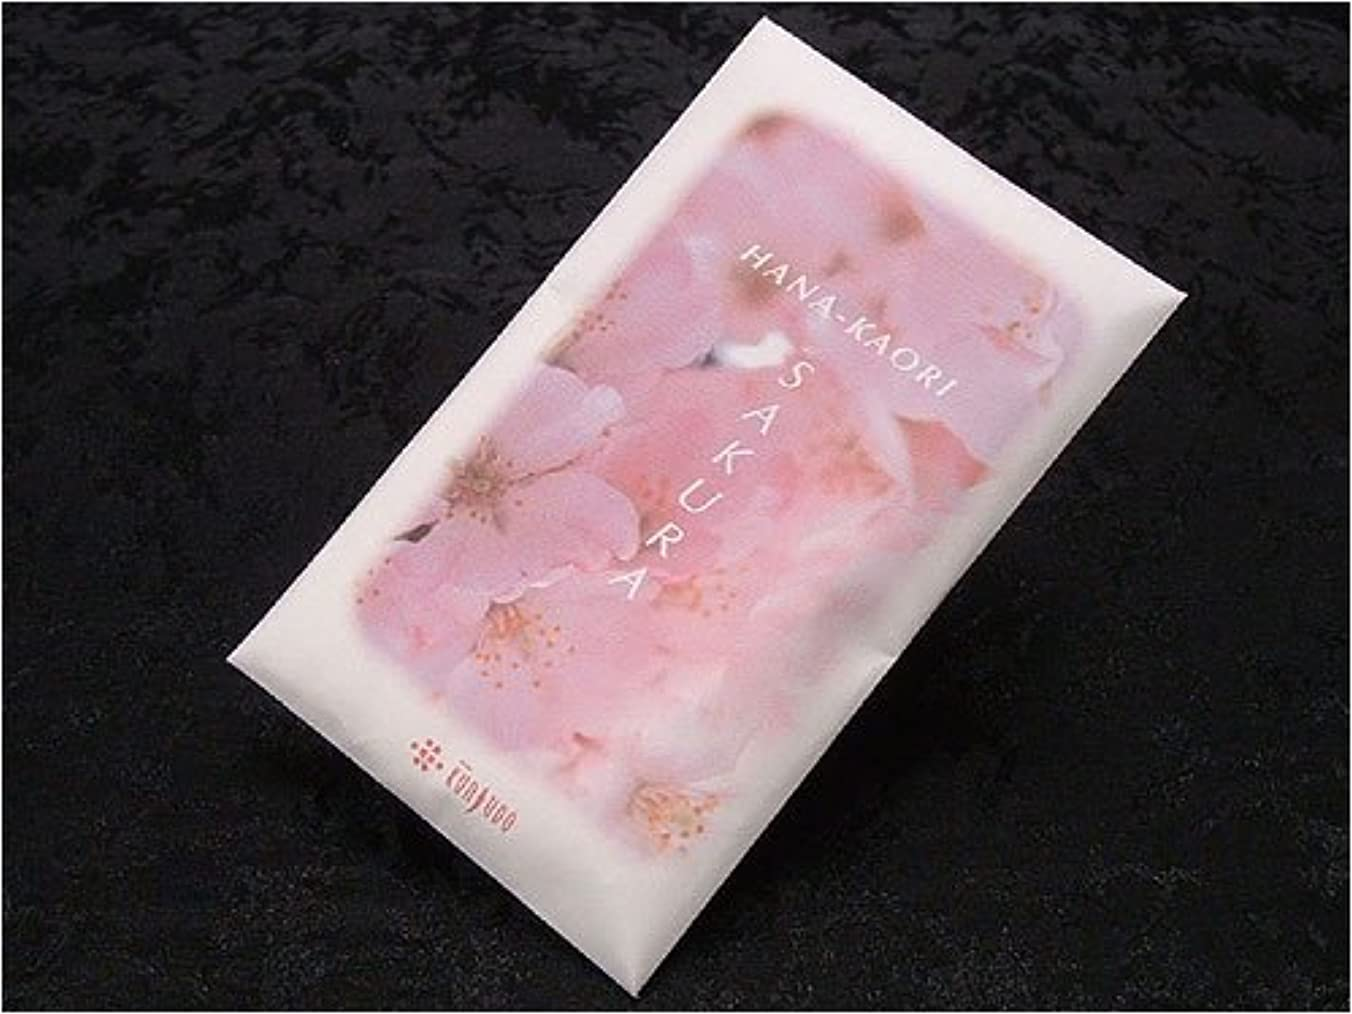 分泌する雪の粘性の薫寿堂の匂い袋 花かおり サシェ さくら